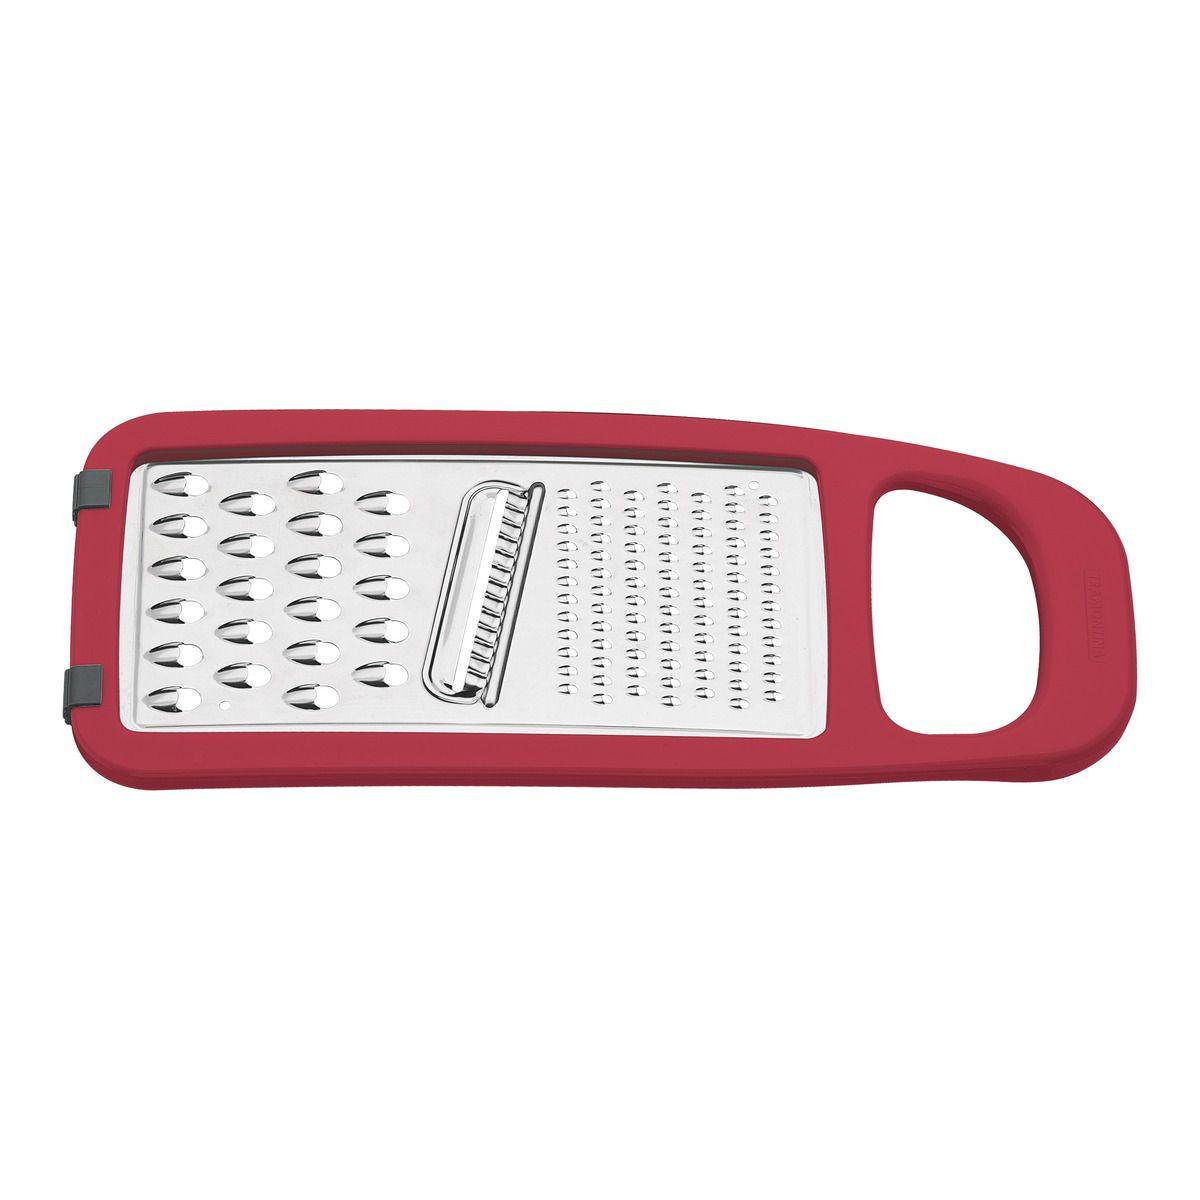 Ralador Tramontina Vermelho em Aço Inox e ABS com Base Emborrachada 25695/170 | Lojas Estrela